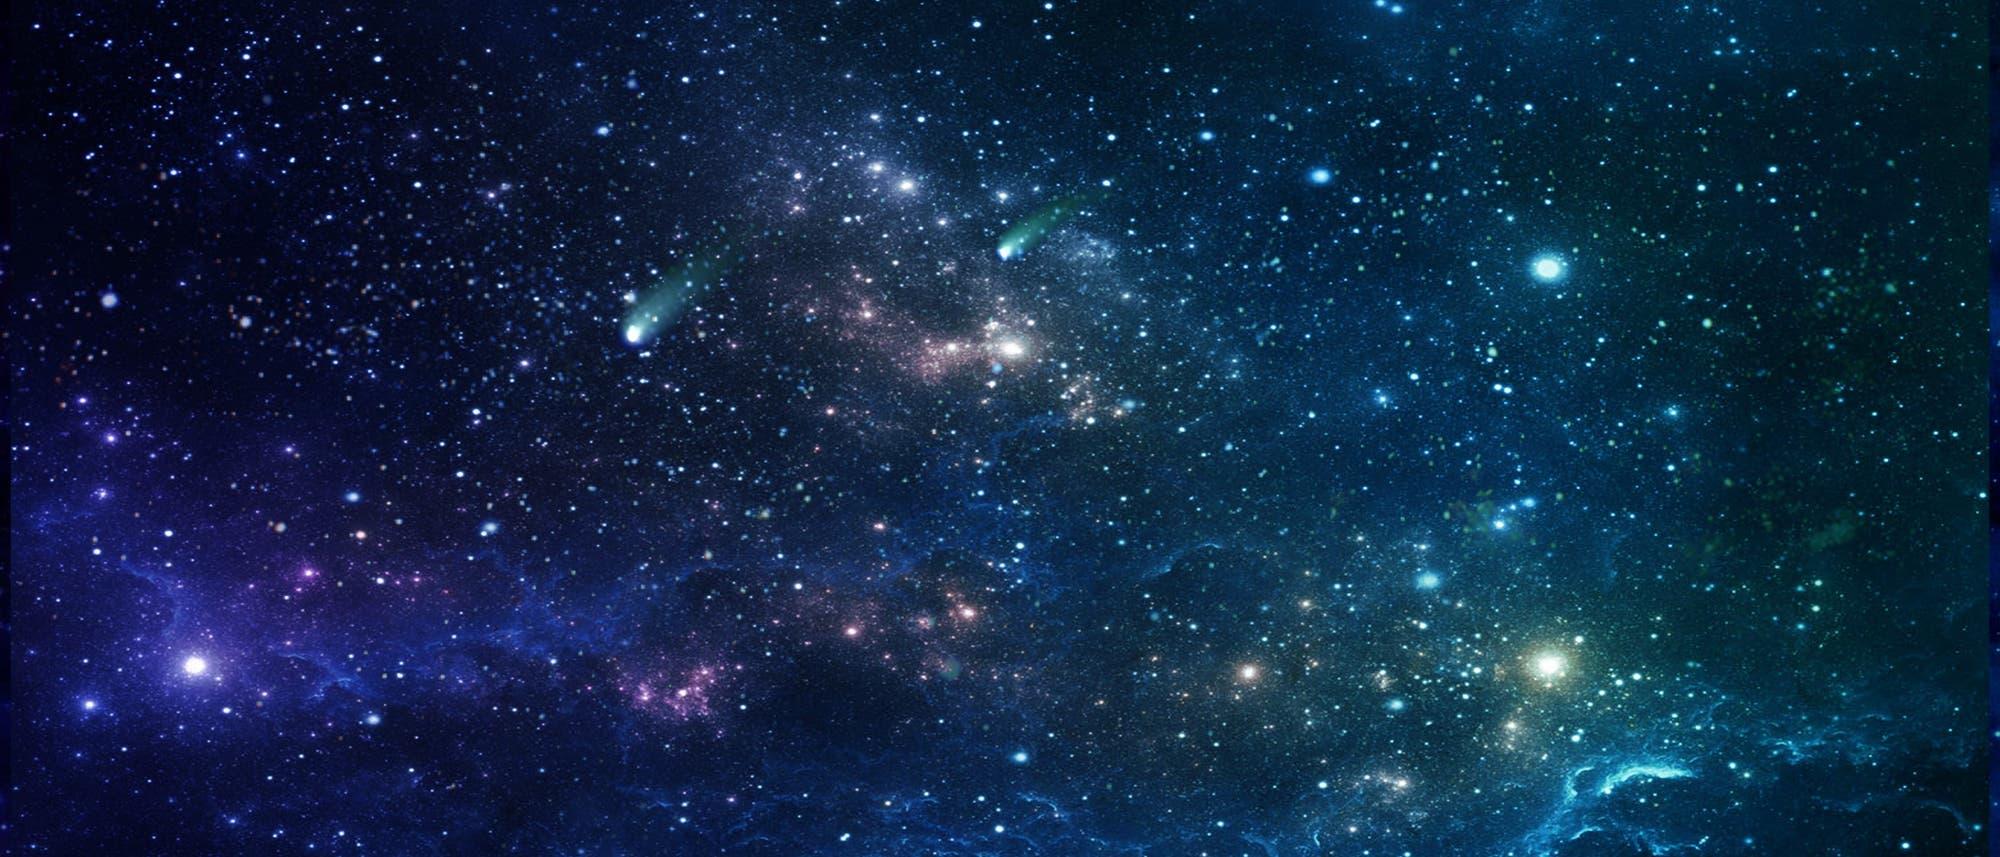 Ein fiktiver Sternenhimmel mit deutlich intensiveren Farben